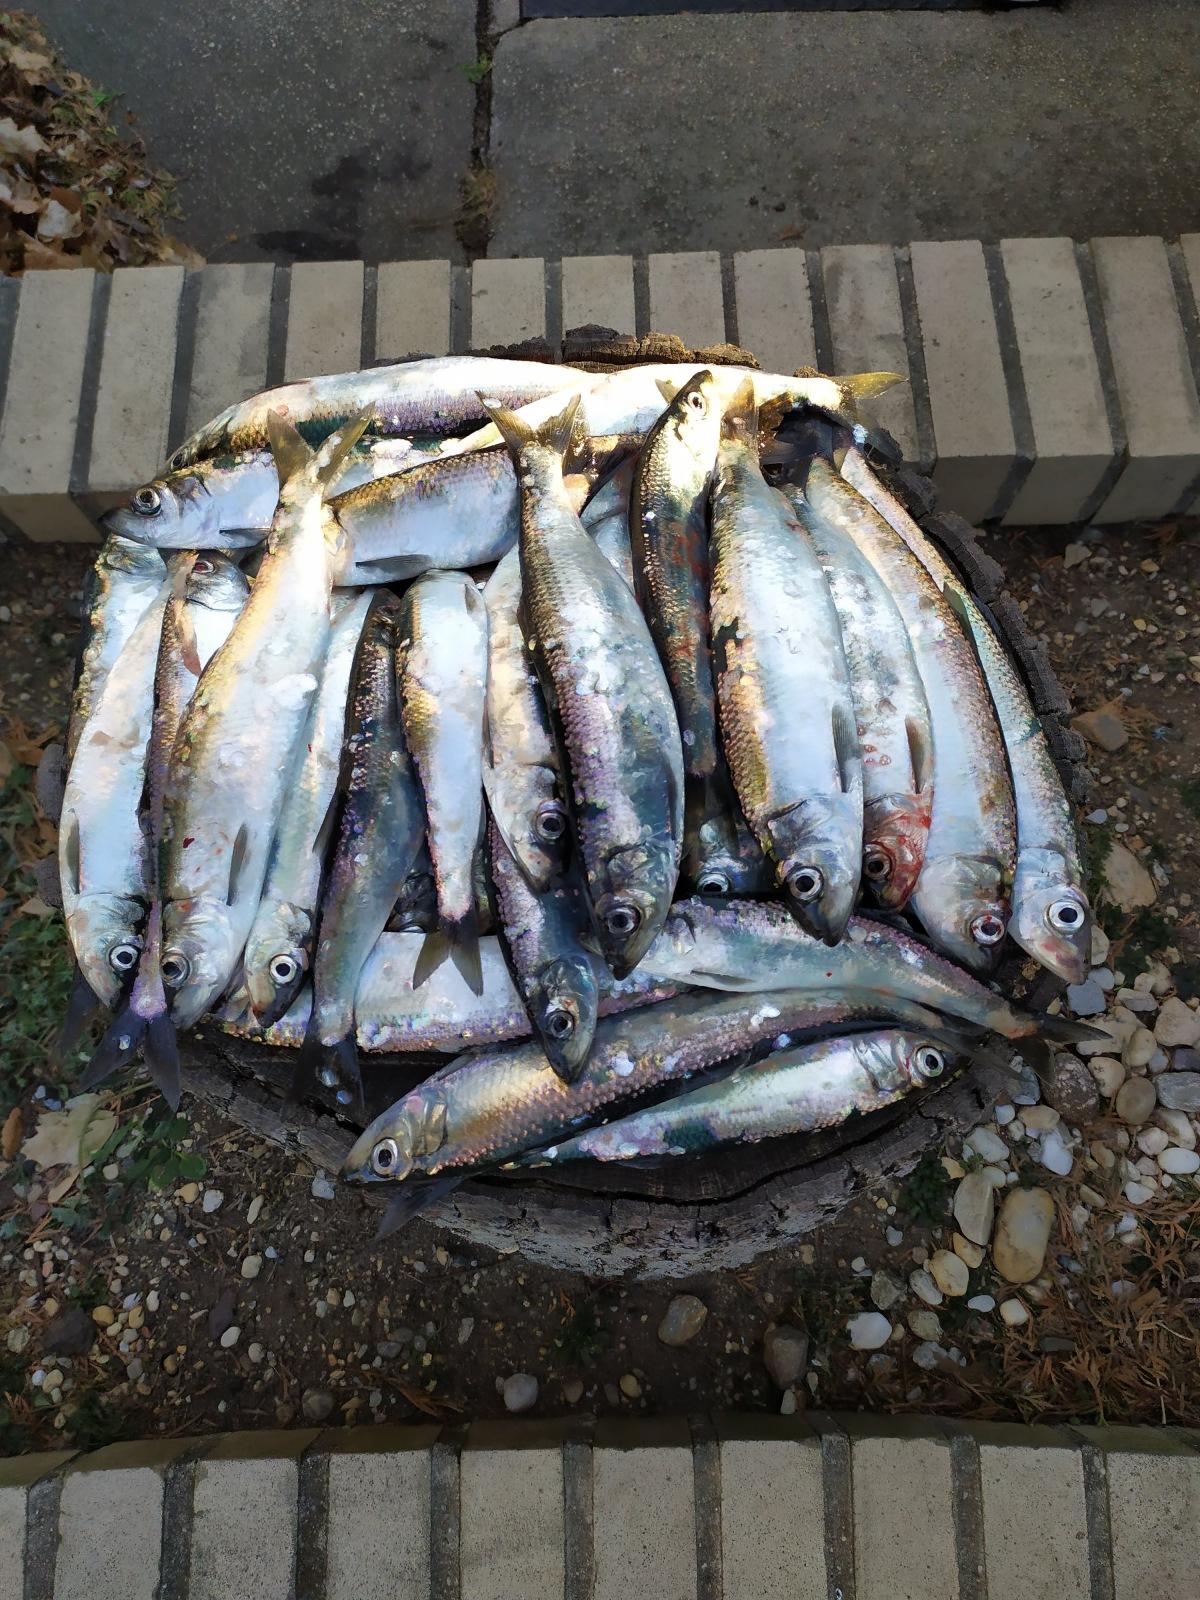 herrings1.jpg